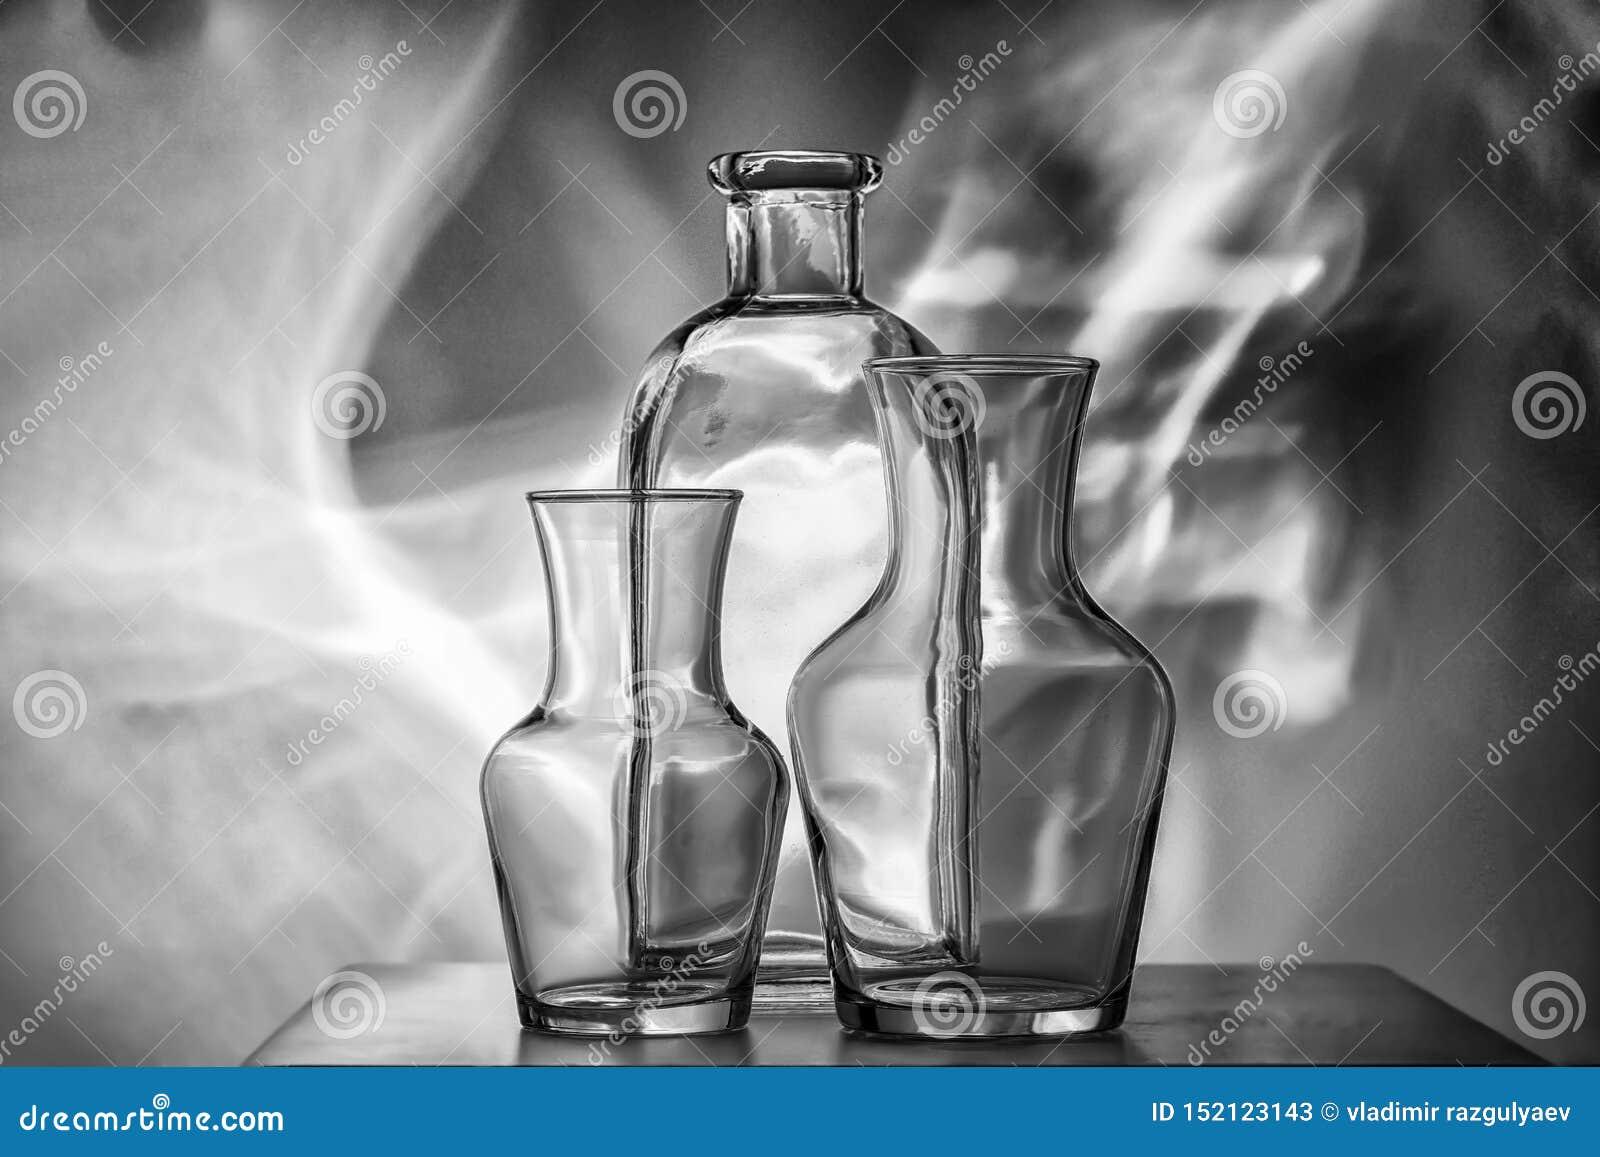 Vajilla-botellas transparentes de cristal de diversos tamaños, tres pedazos en una foto blanco y negro vida inmóvil muy hermosa